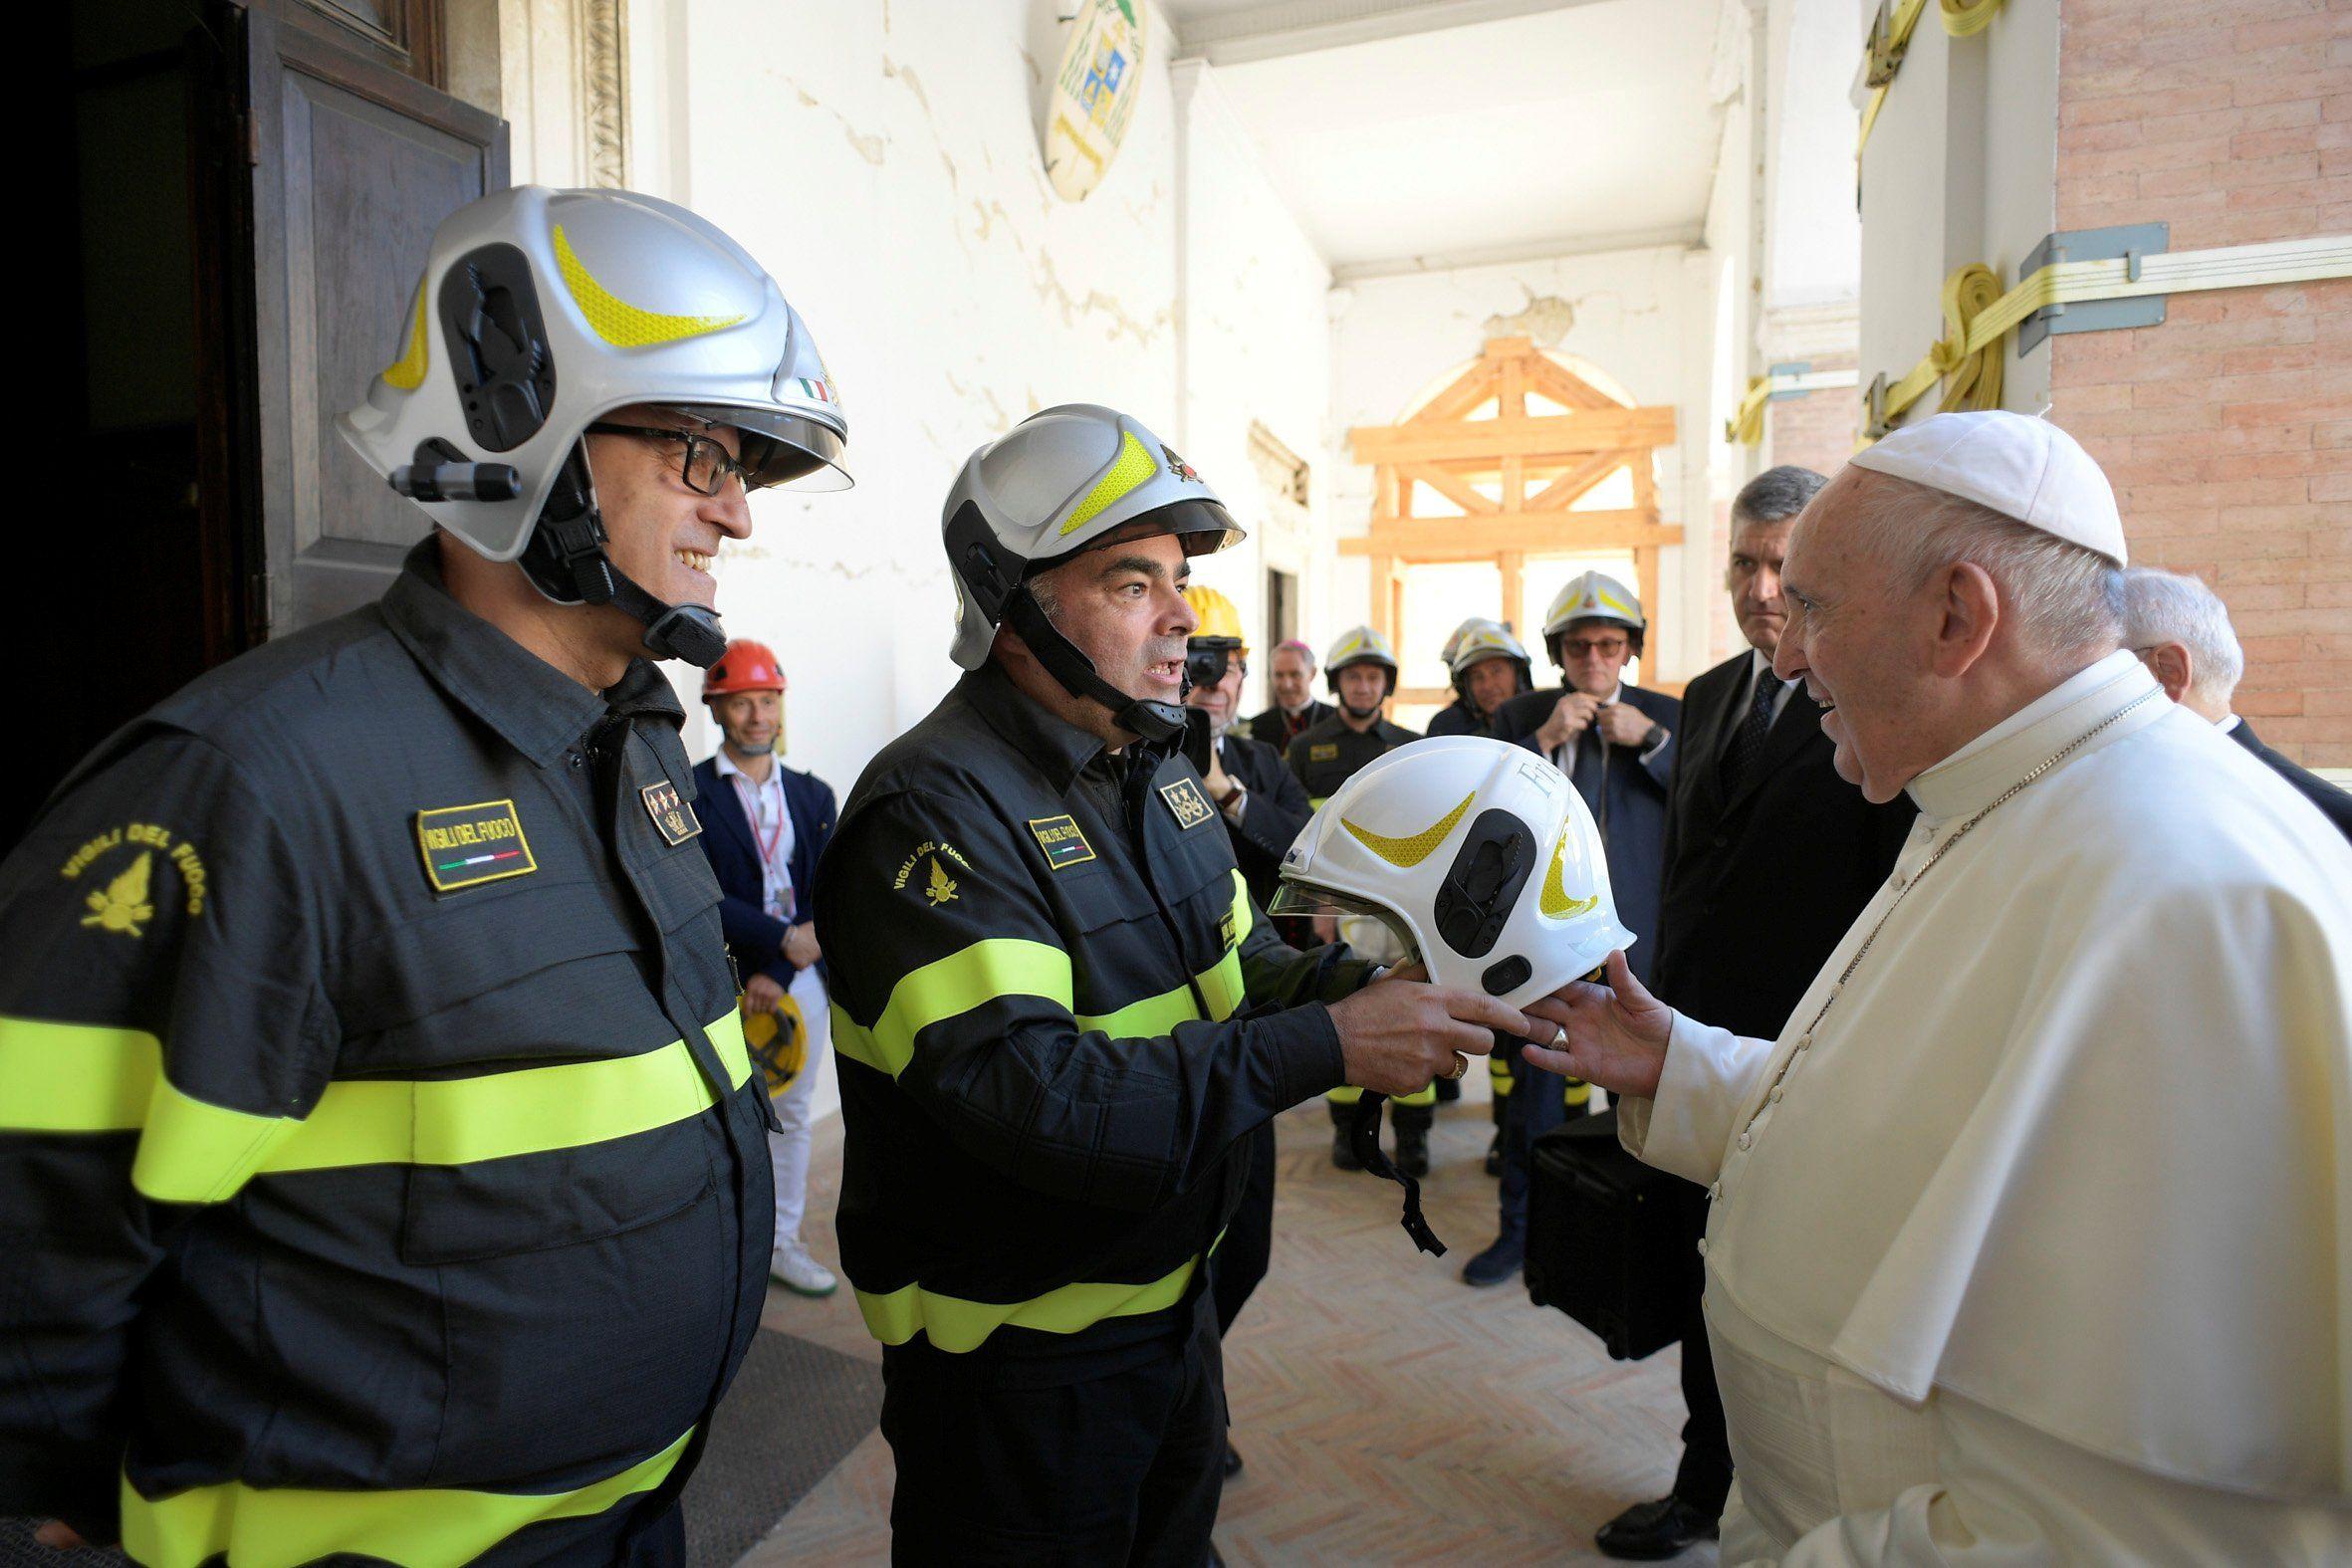 El papa Francisco visitó este domingo Camerino, una de las localidades más afectadas por el terremoto de 2016 en el centro de Italia. (Reuters)